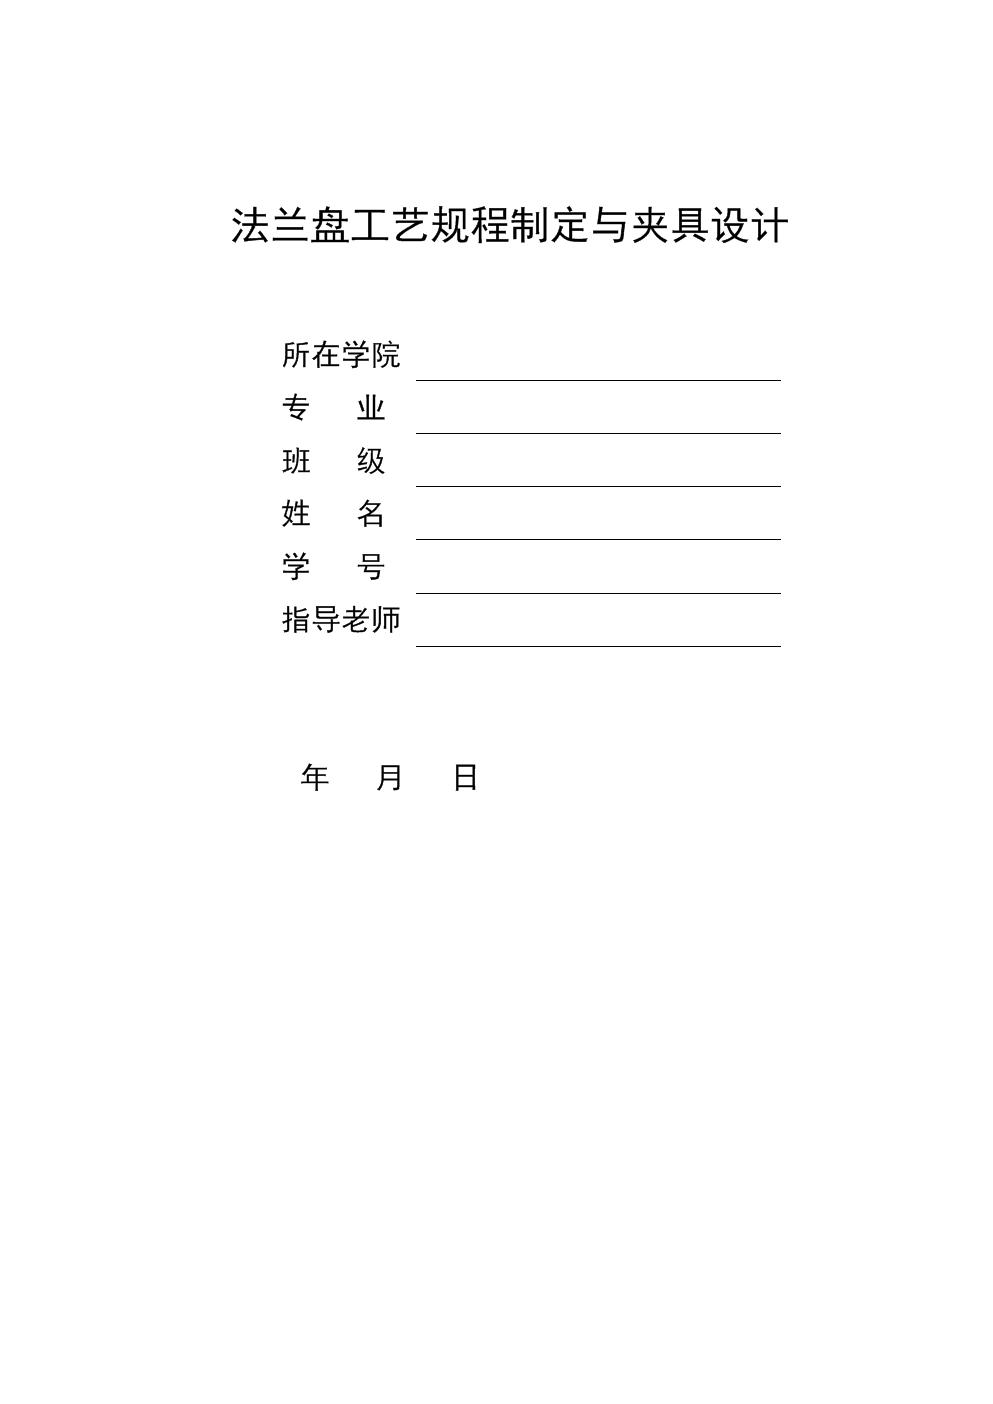 法兰盘零件工艺规程及钻4-φ7孔夹具设计.doc